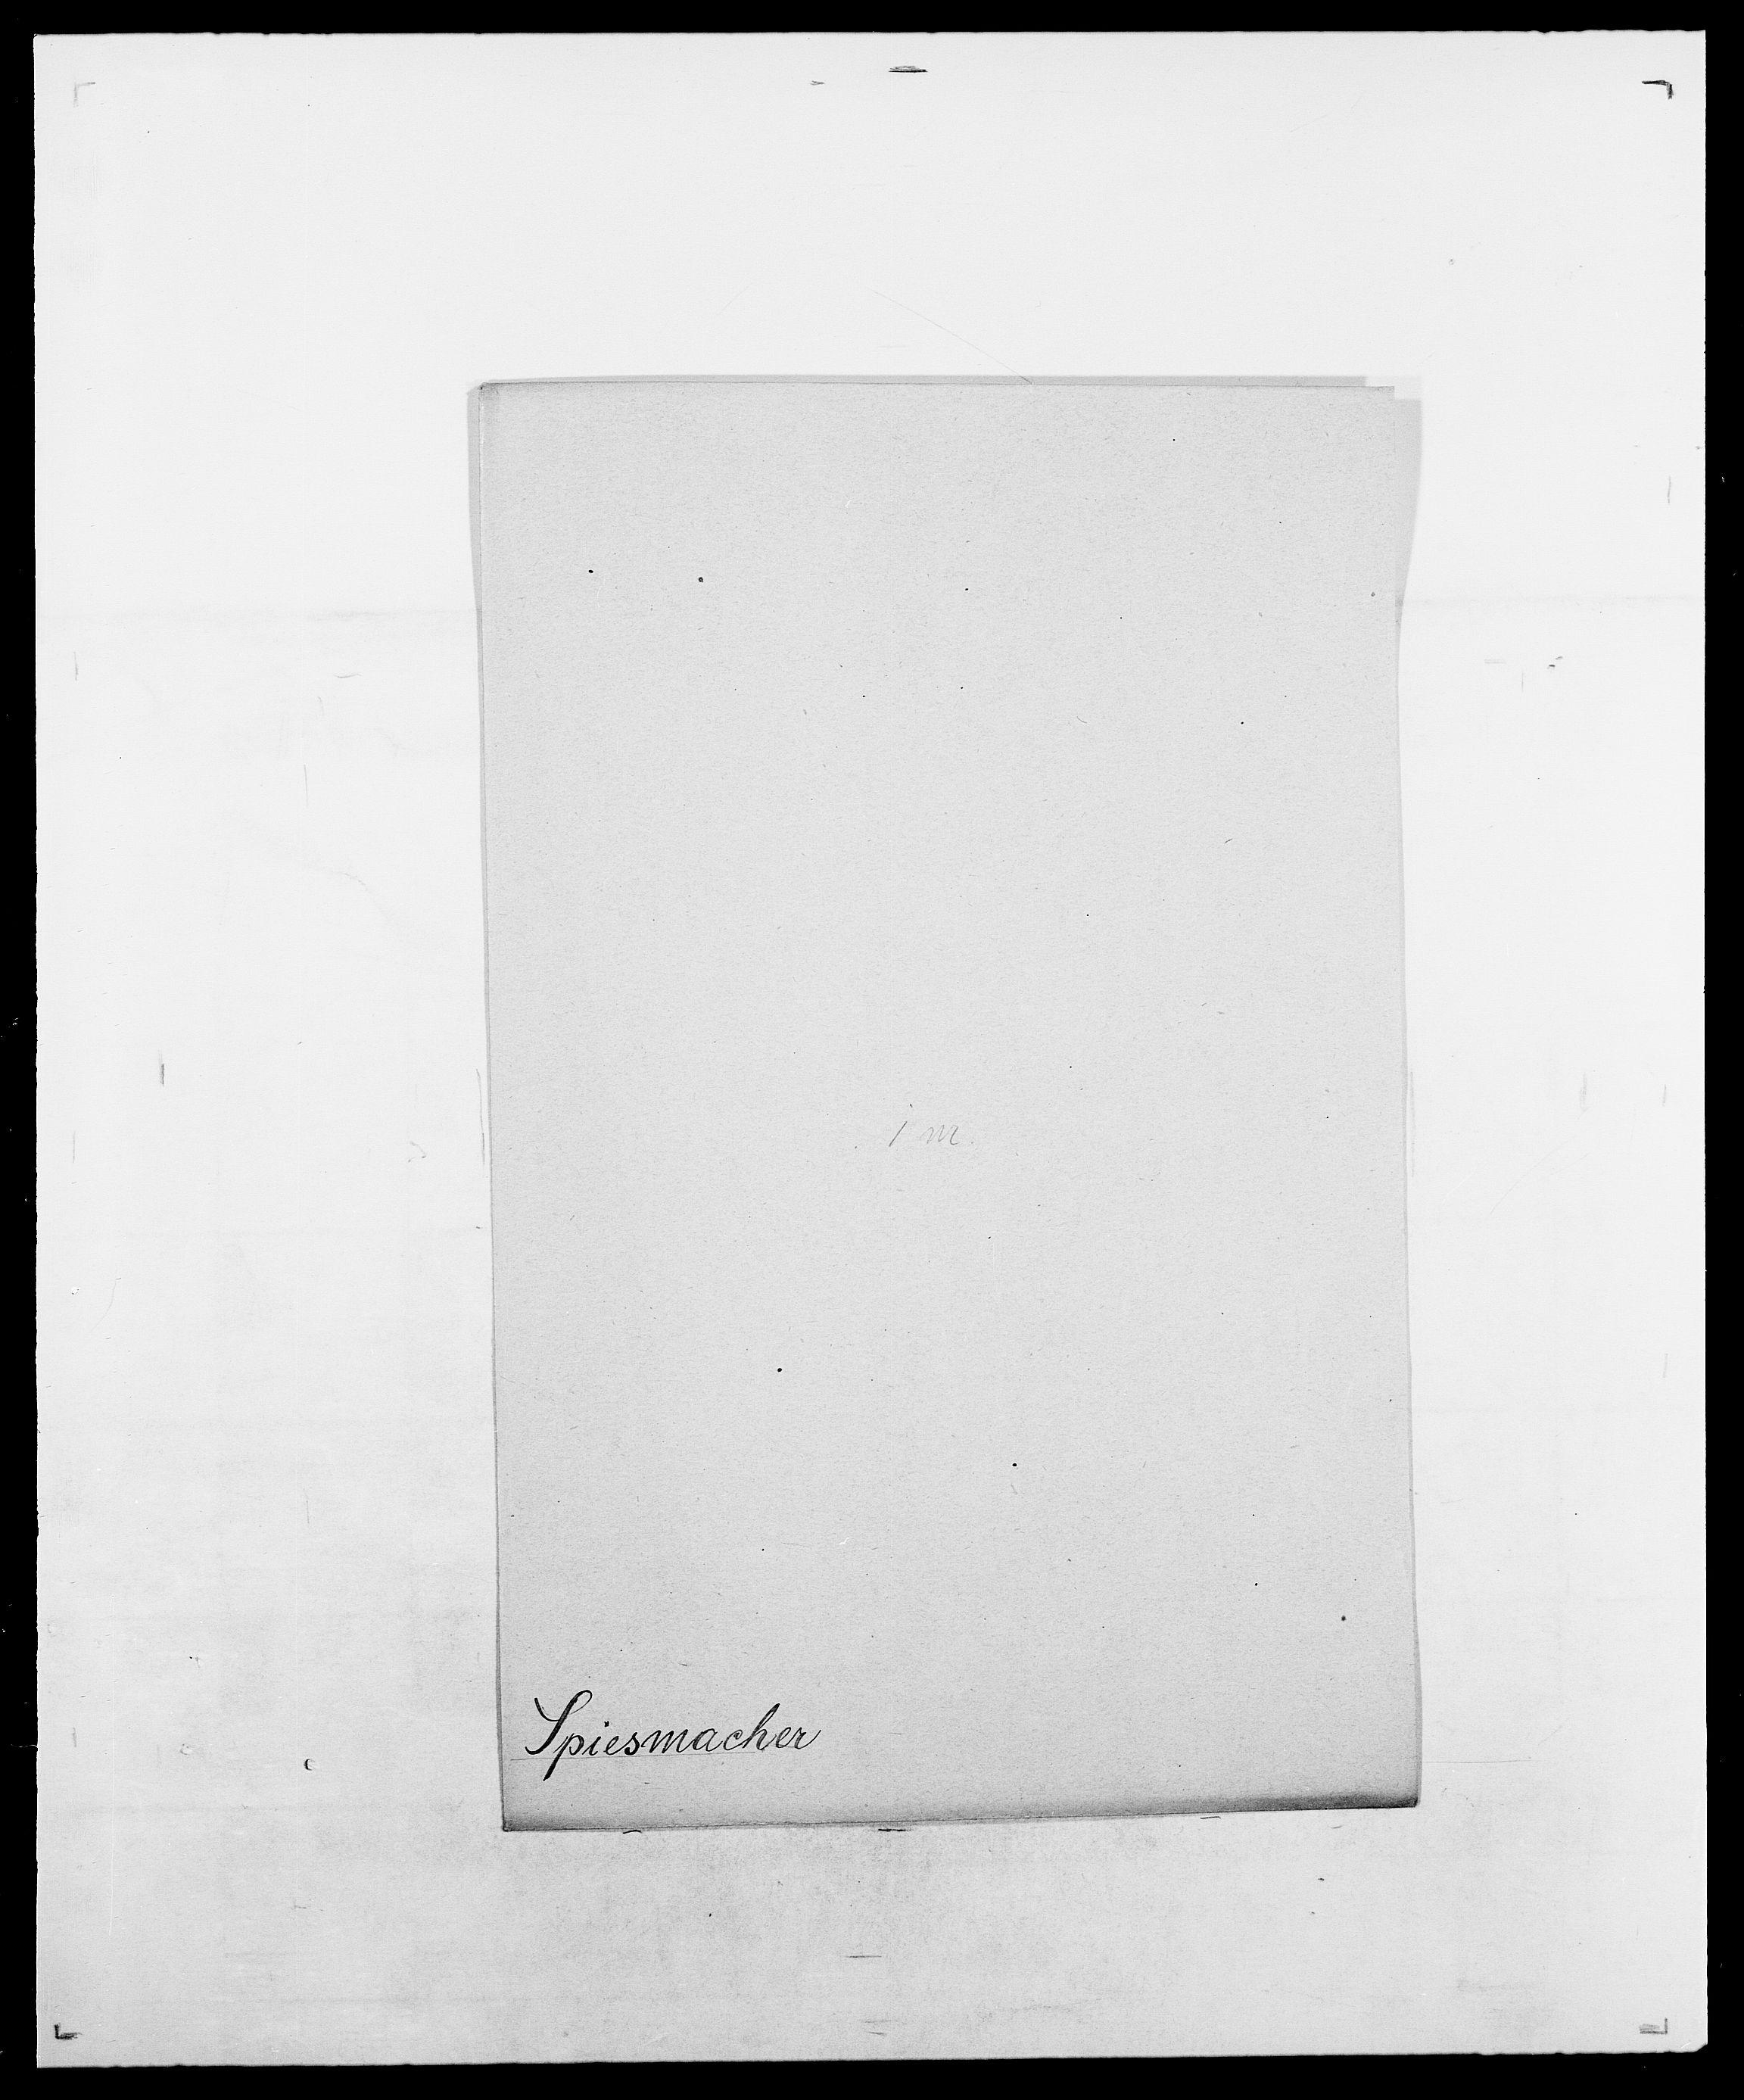 SAO, Delgobe, Charles Antoine - samling, D/Da/L0036: Skaanør - Staverskov, s. 551